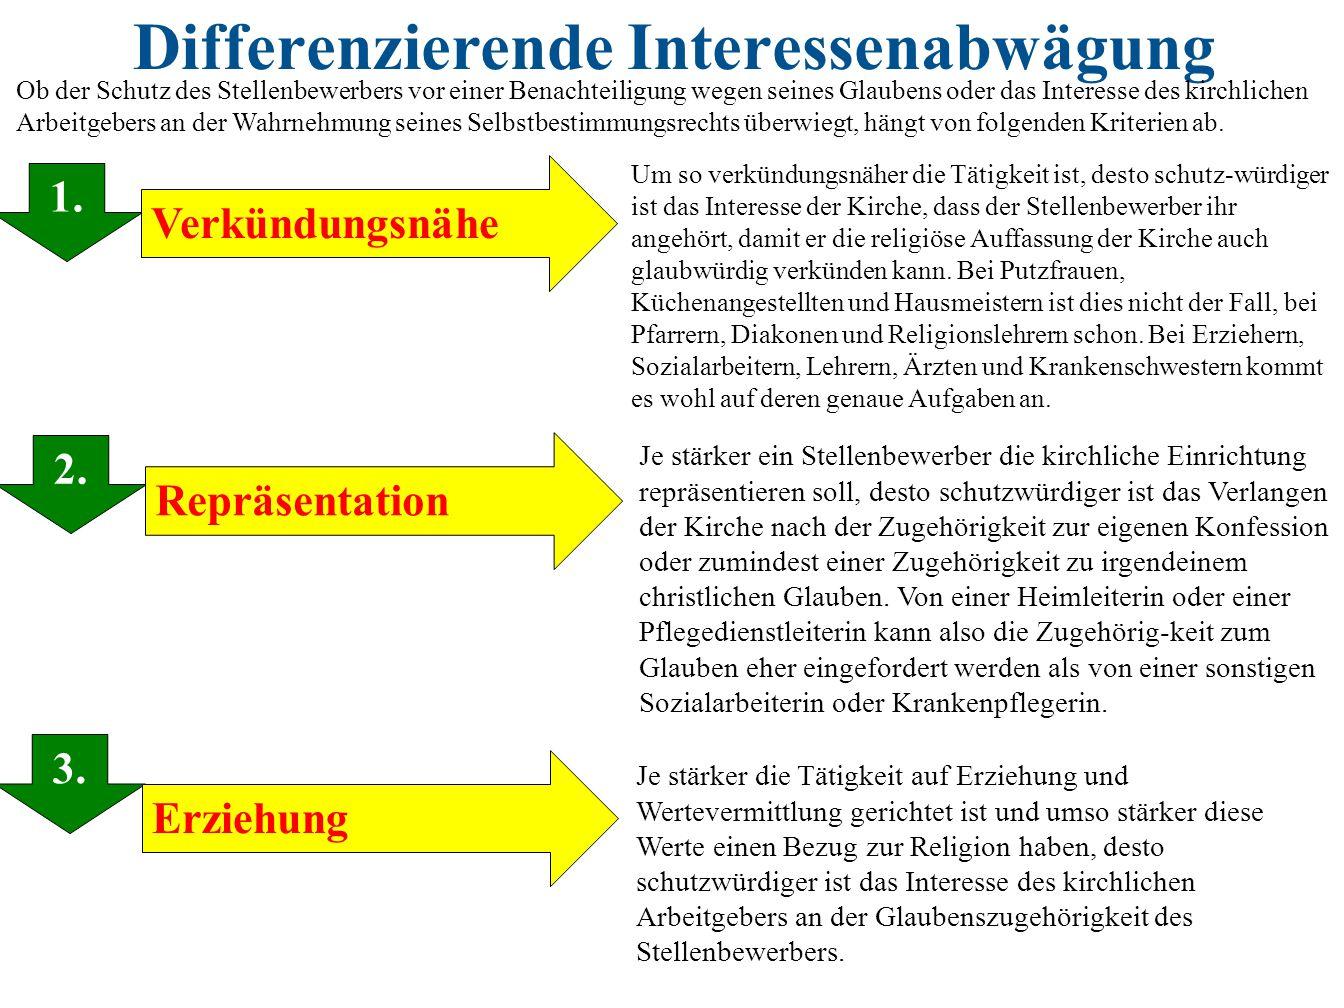 Differenzierende Interessenabwägung 1. 2. 3. 1. Repräsentation Verkündungsnähe Erziehung Um so verkündungsnäher die Tätigkeit ist, desto schutz-würdig